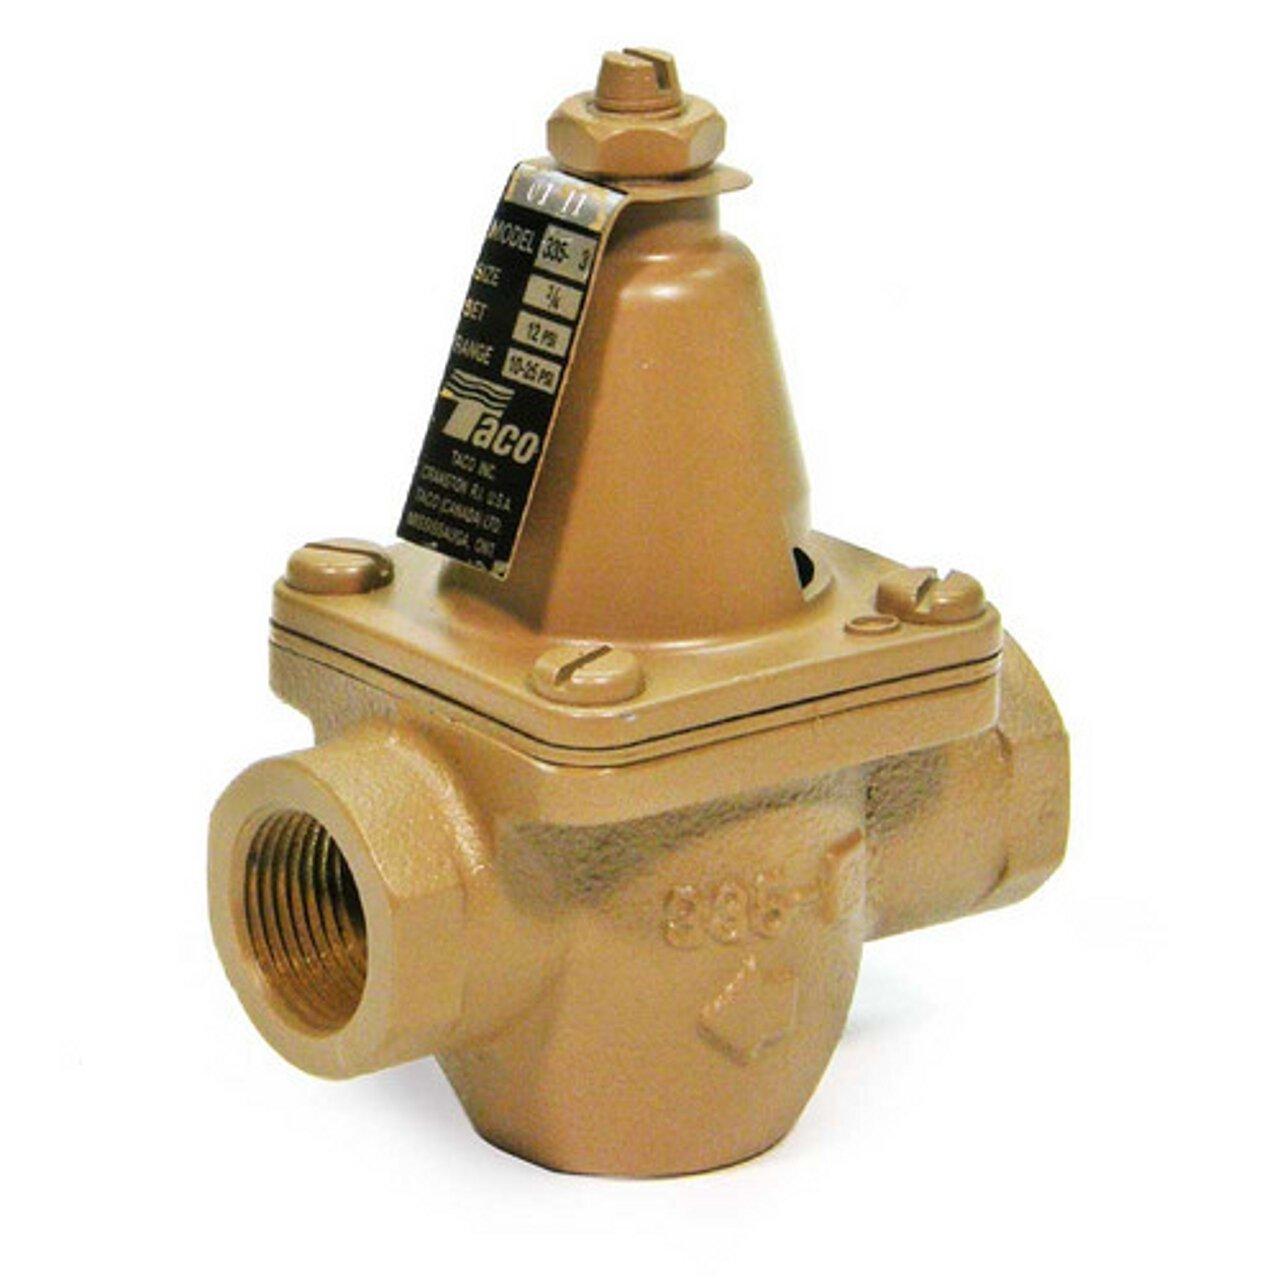 Taco T335-3 3/4-Inch Pressure Reducing Valve Bronze